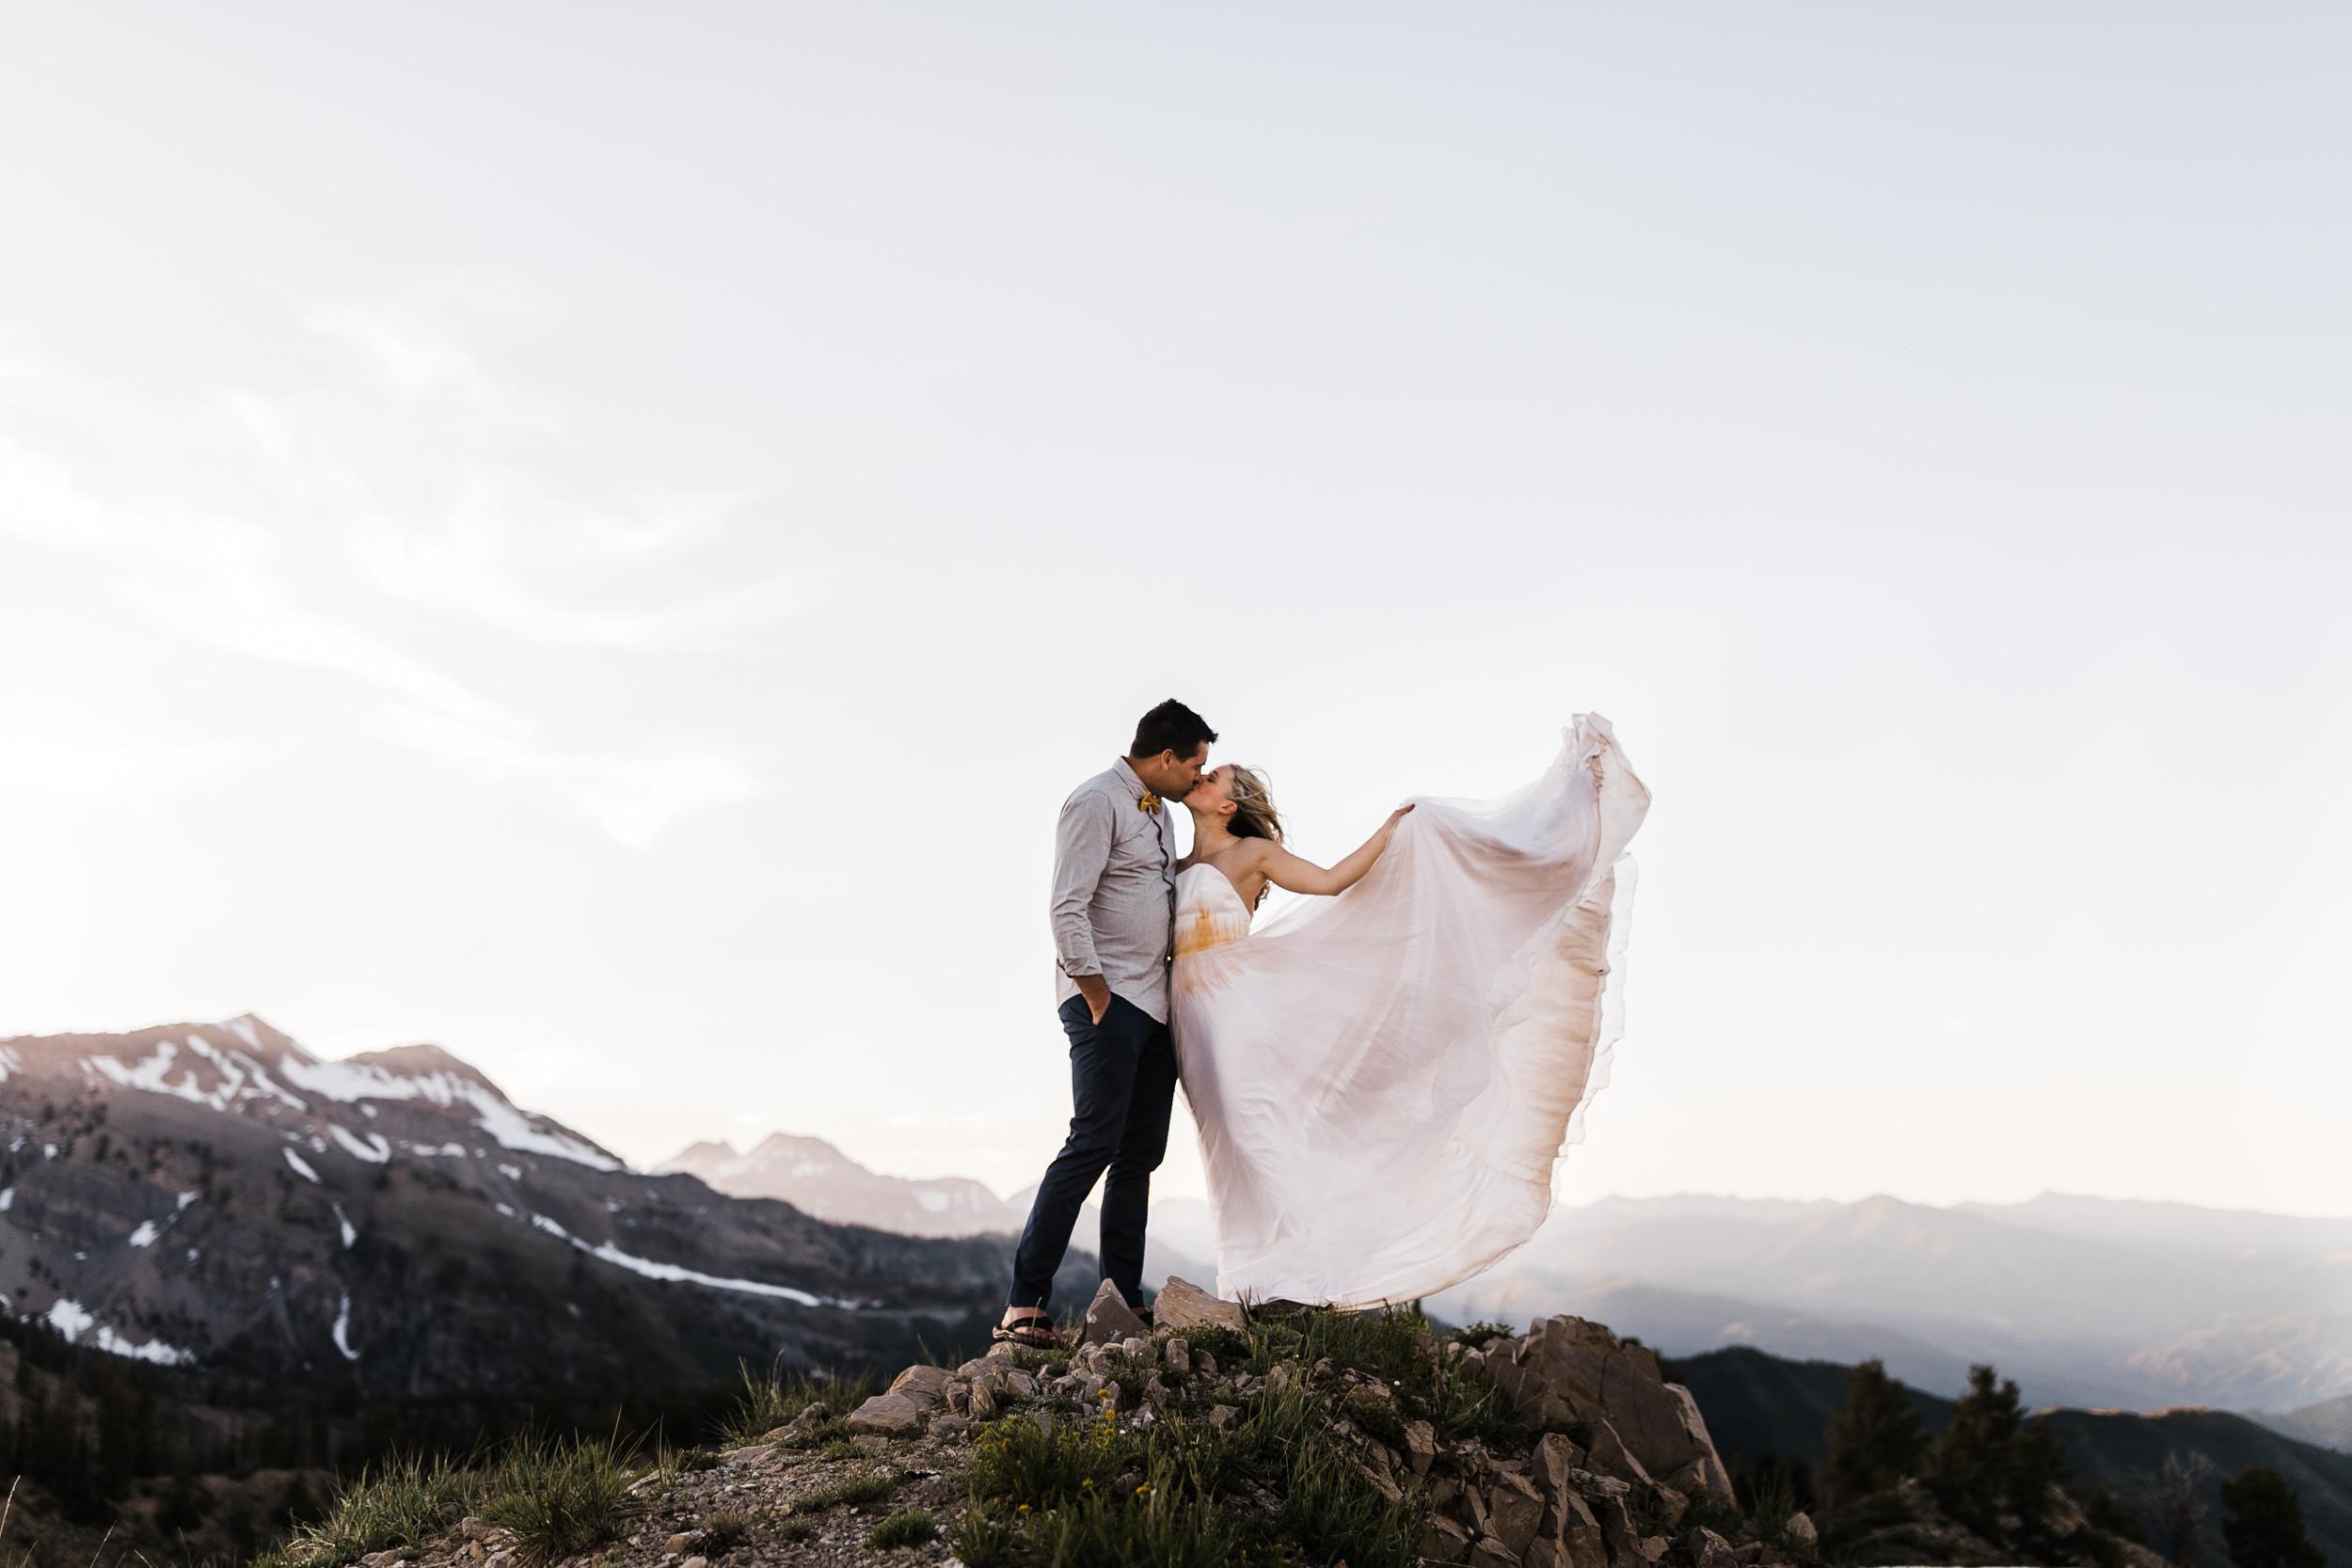 Caroline-Gleich-Wasatch-Helicopter-Wedding-Hearnes-Elopement-Photography-32.jpg